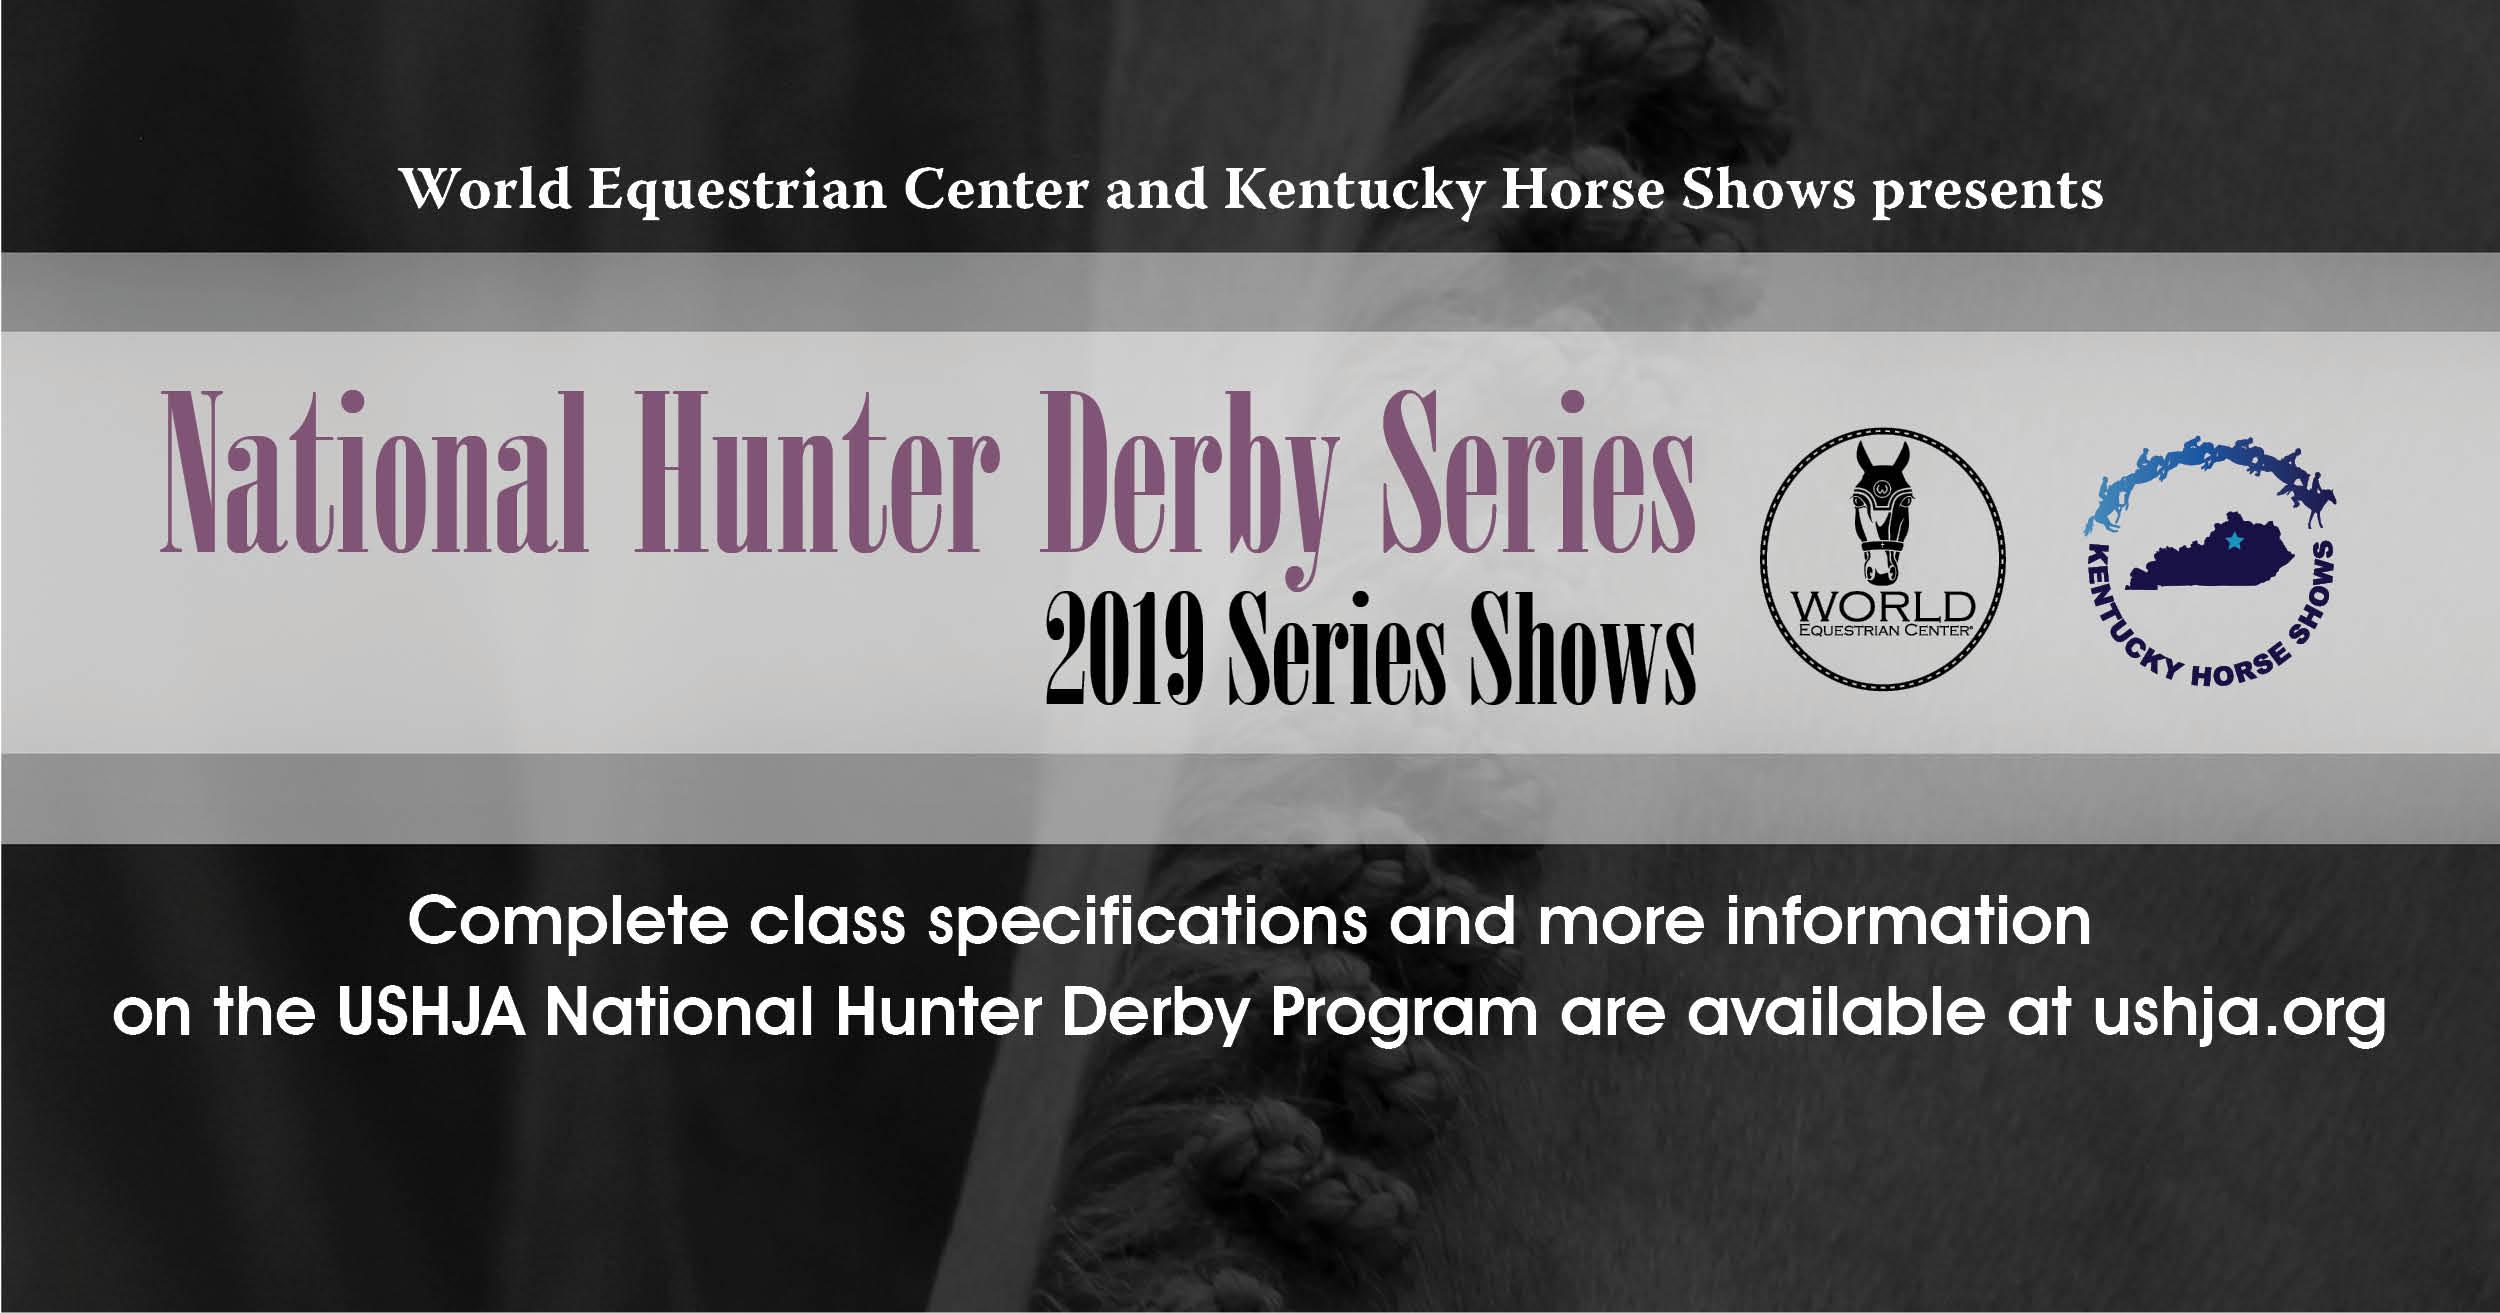 World Equestrian Center and Kentucky Horse Shows LLC Partner